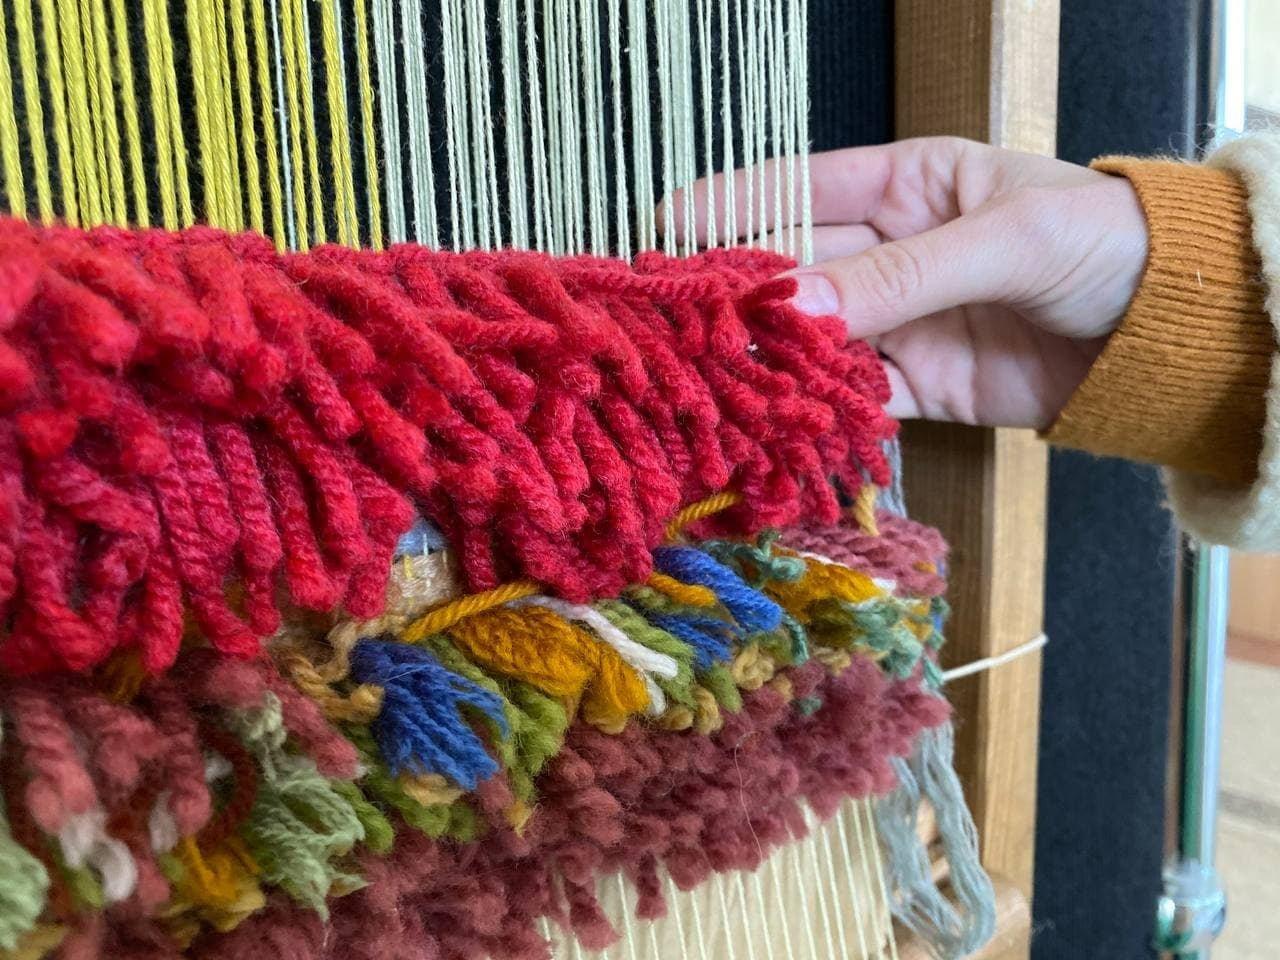 Міський культурний центр: в Броварах відкрито виставку ворсових килимів, фото-1